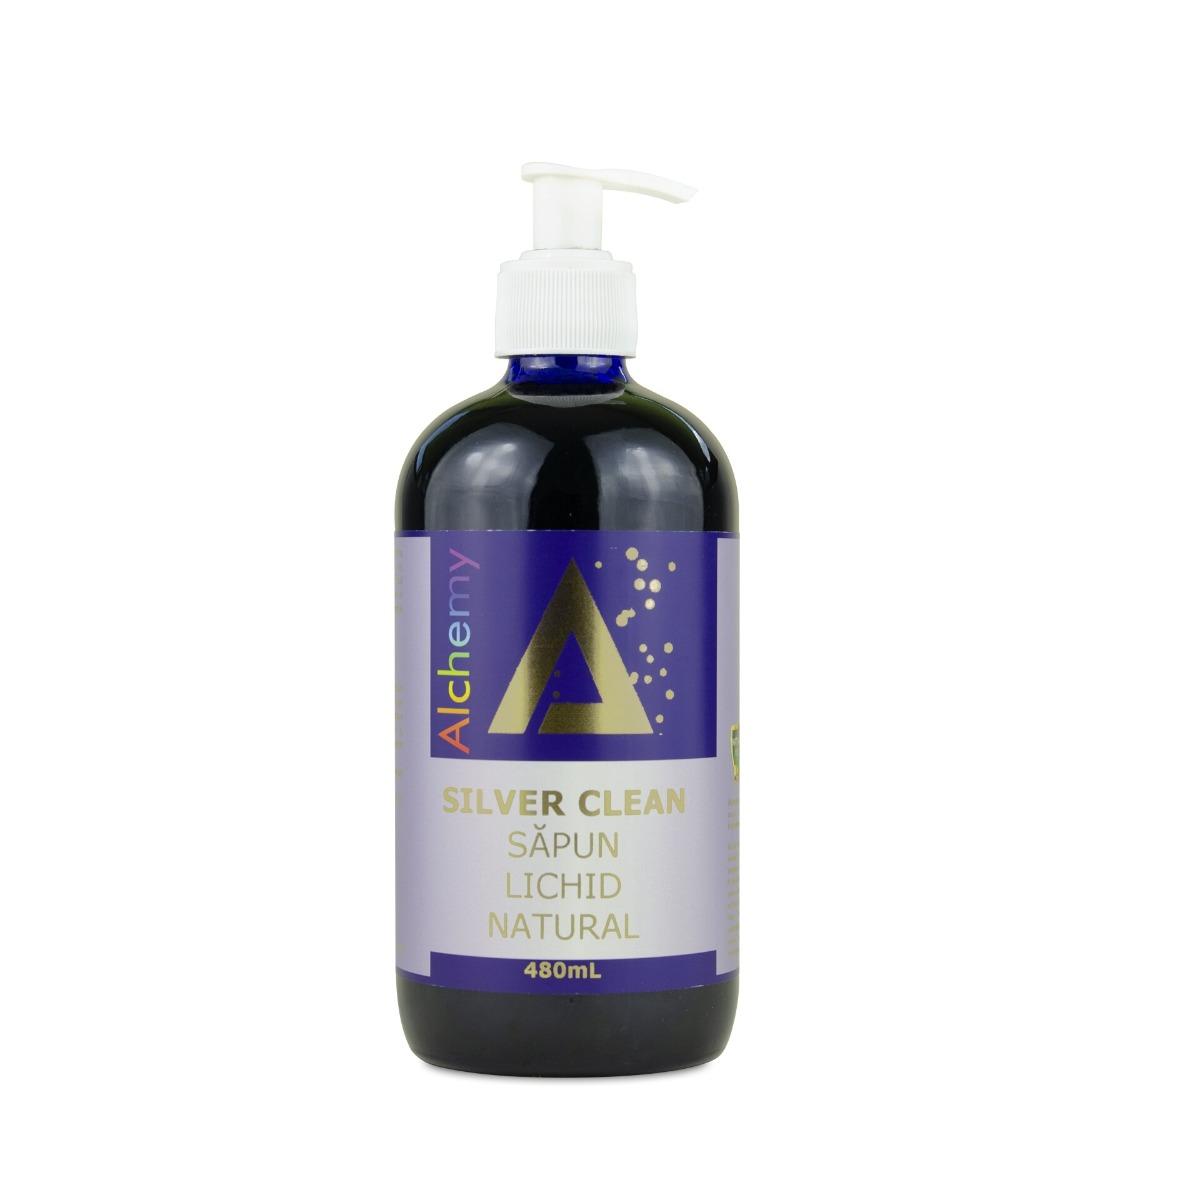 Silver Clean sapun lichid natural cu aur si argint, 480ml, Aghoras drmax.ro